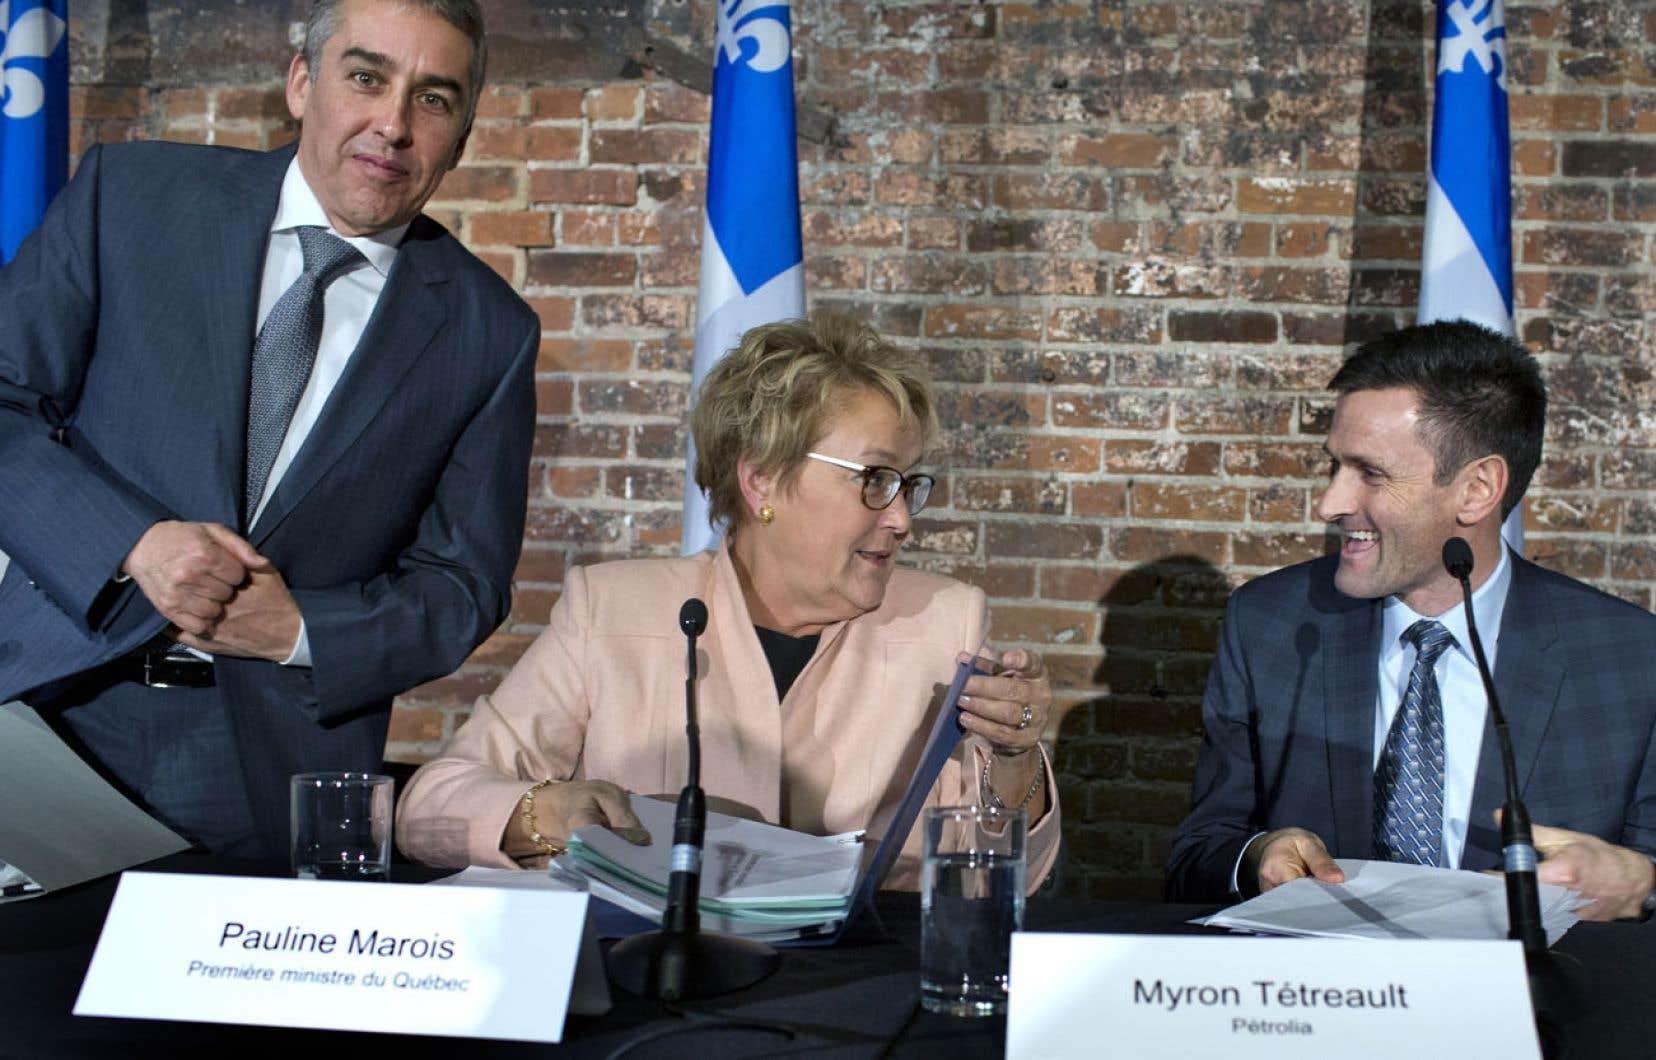 Le ministre des Finances et de l'Économie, Nicolas Marceau, la première ministre Pauline Marois et le président-directeur général de Pétrolia, Myron Tétreault, lors de l'annonce conjointe qui s'est tenue jeudi après-midi à Montréal.